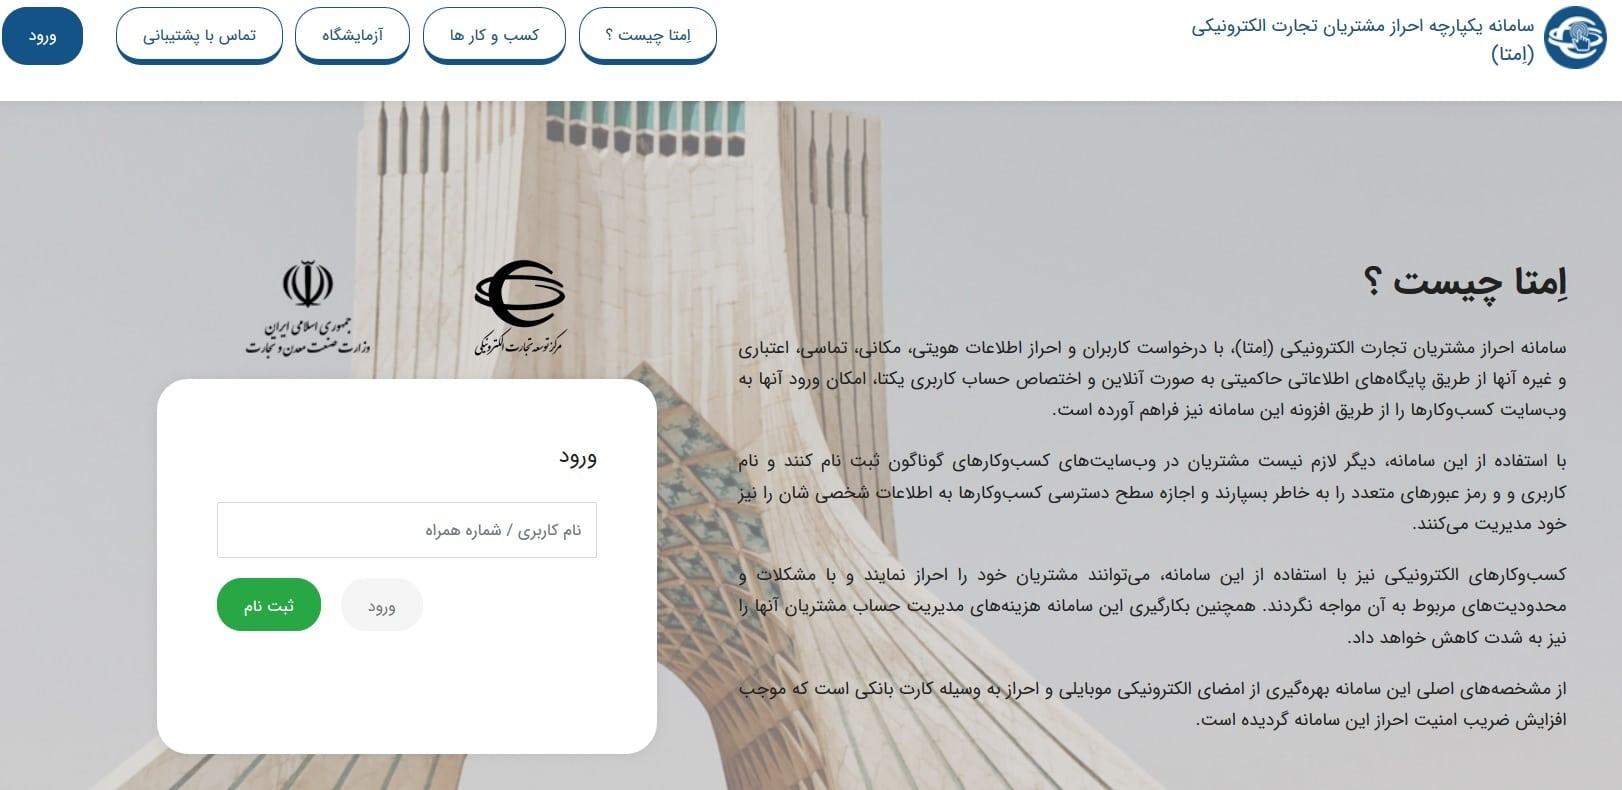 سامانه احراز هویت امتا جهت ثبت نام خودرو